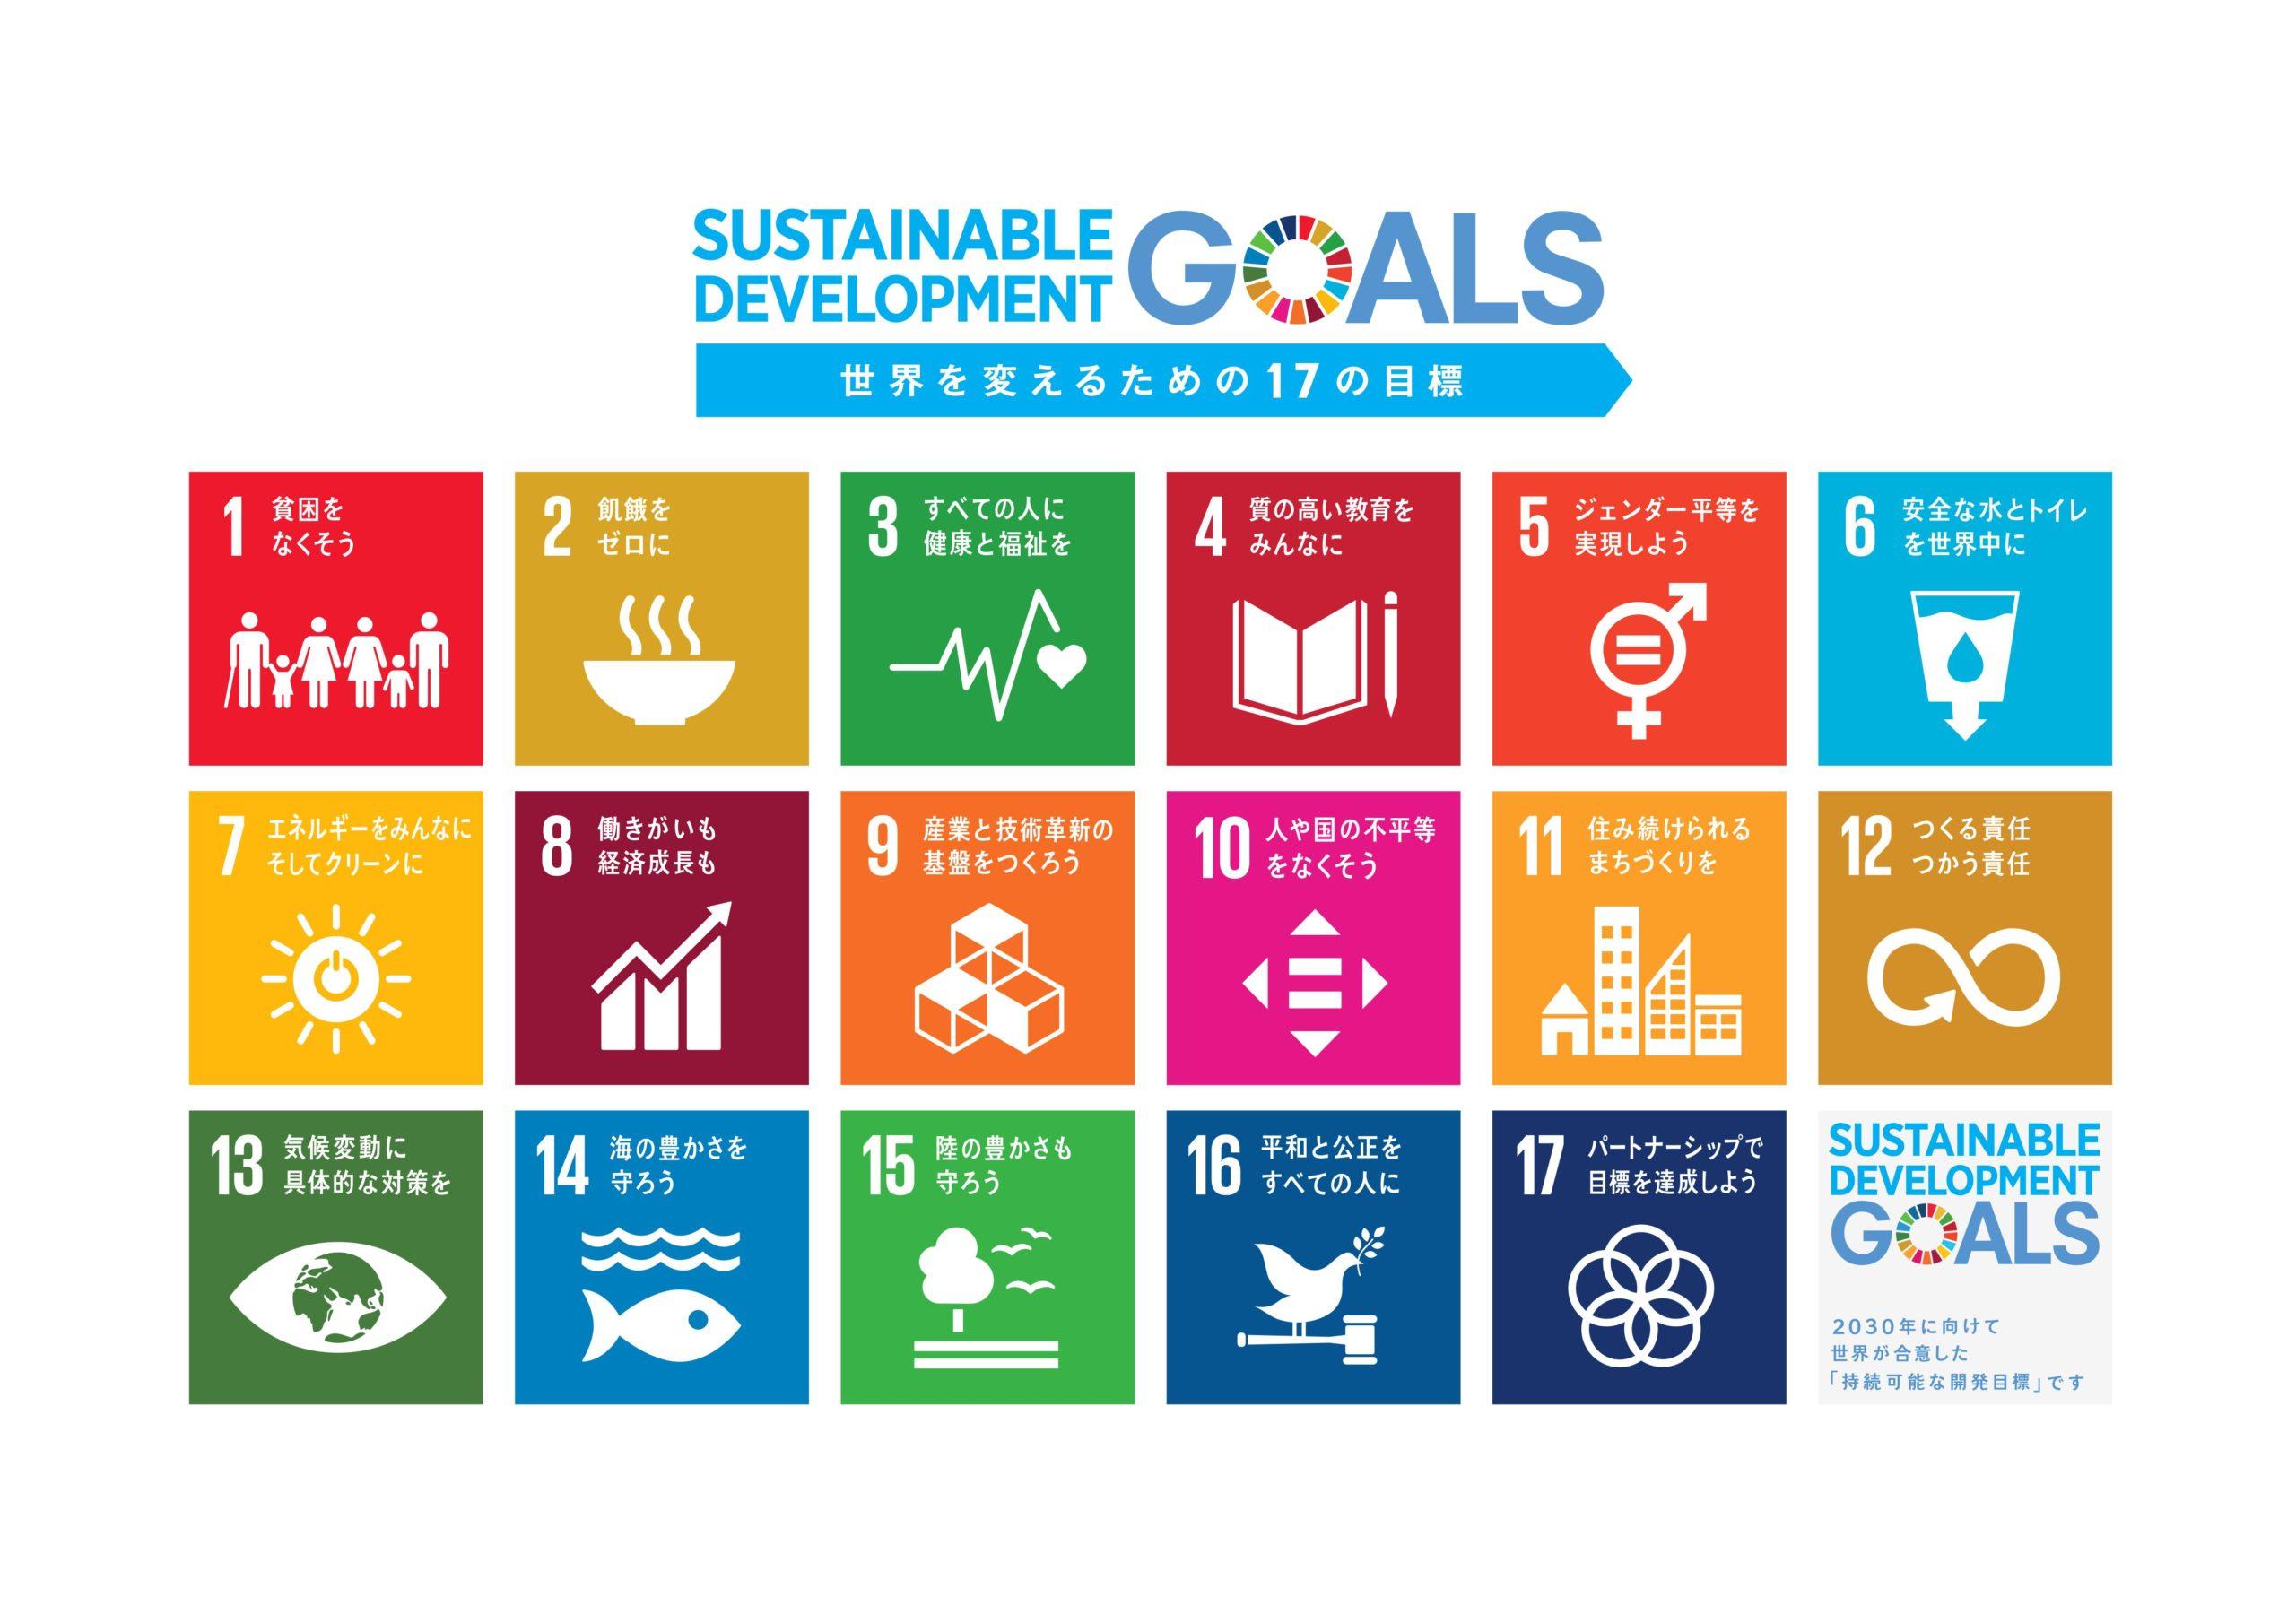 【連載第1回】SDGsとは何か 〜中高生が触れる意味〜【探究×SDGs】